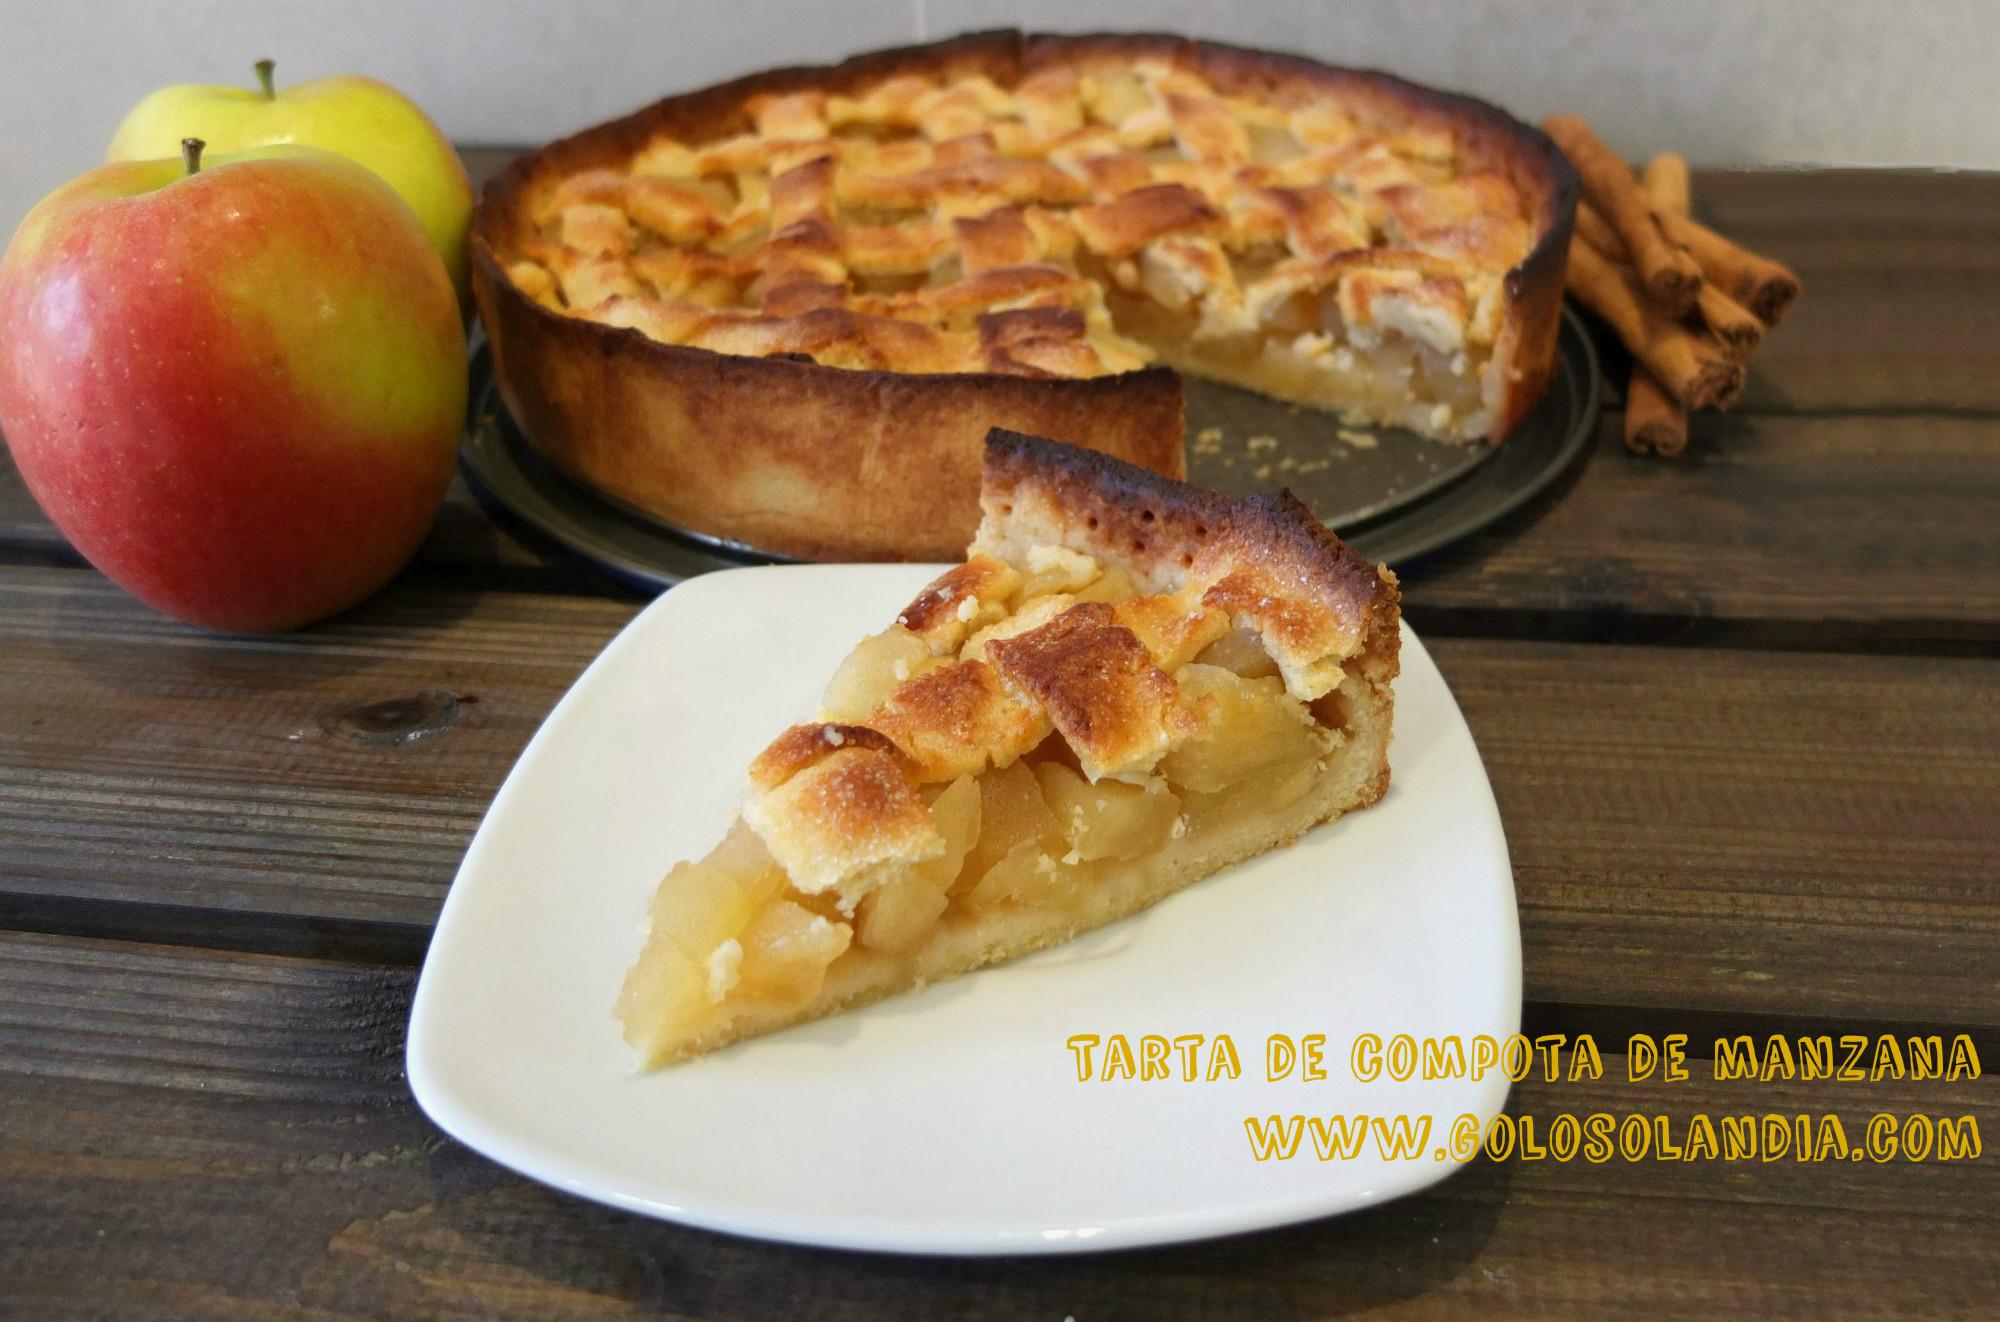 como hacer compota de manzana casera